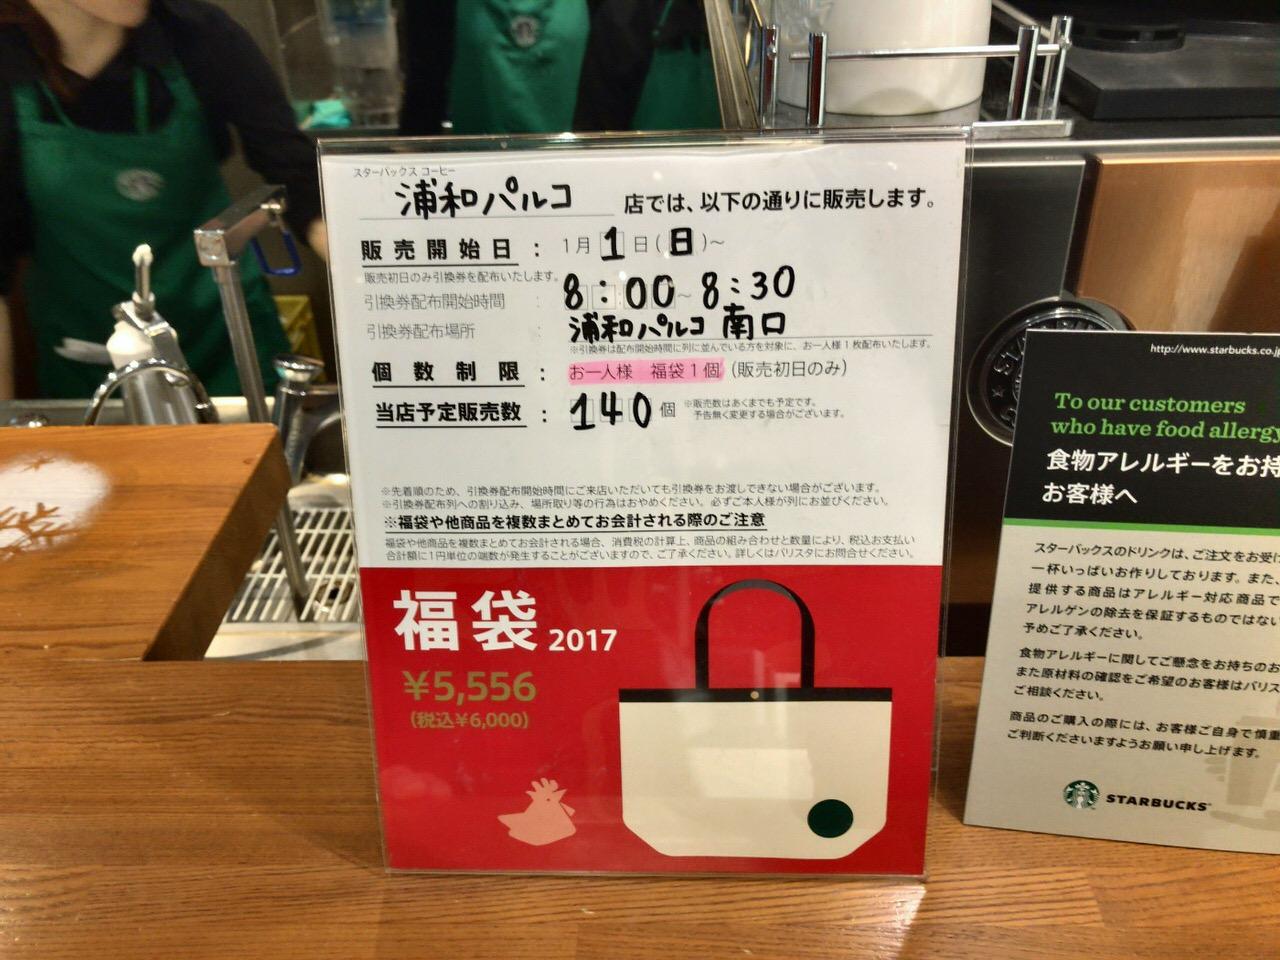 「スターバックス 浦和パルコ店」福袋は6,000円が140個